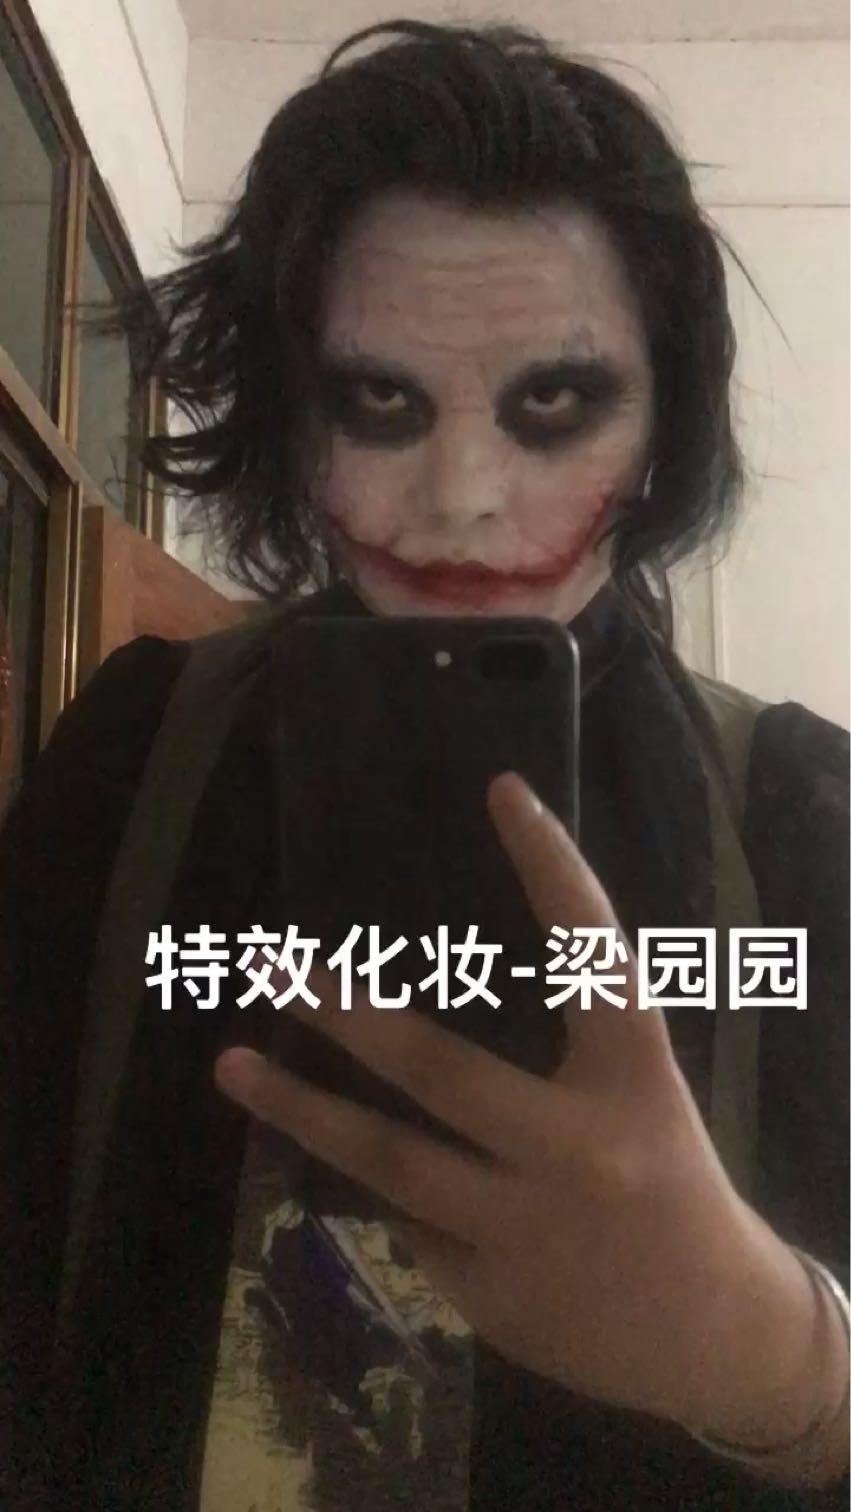 空白妆面图_小丑吧-百度贴吧--小丑(Joker)是美国DC漫画旗下超级大反派 ...